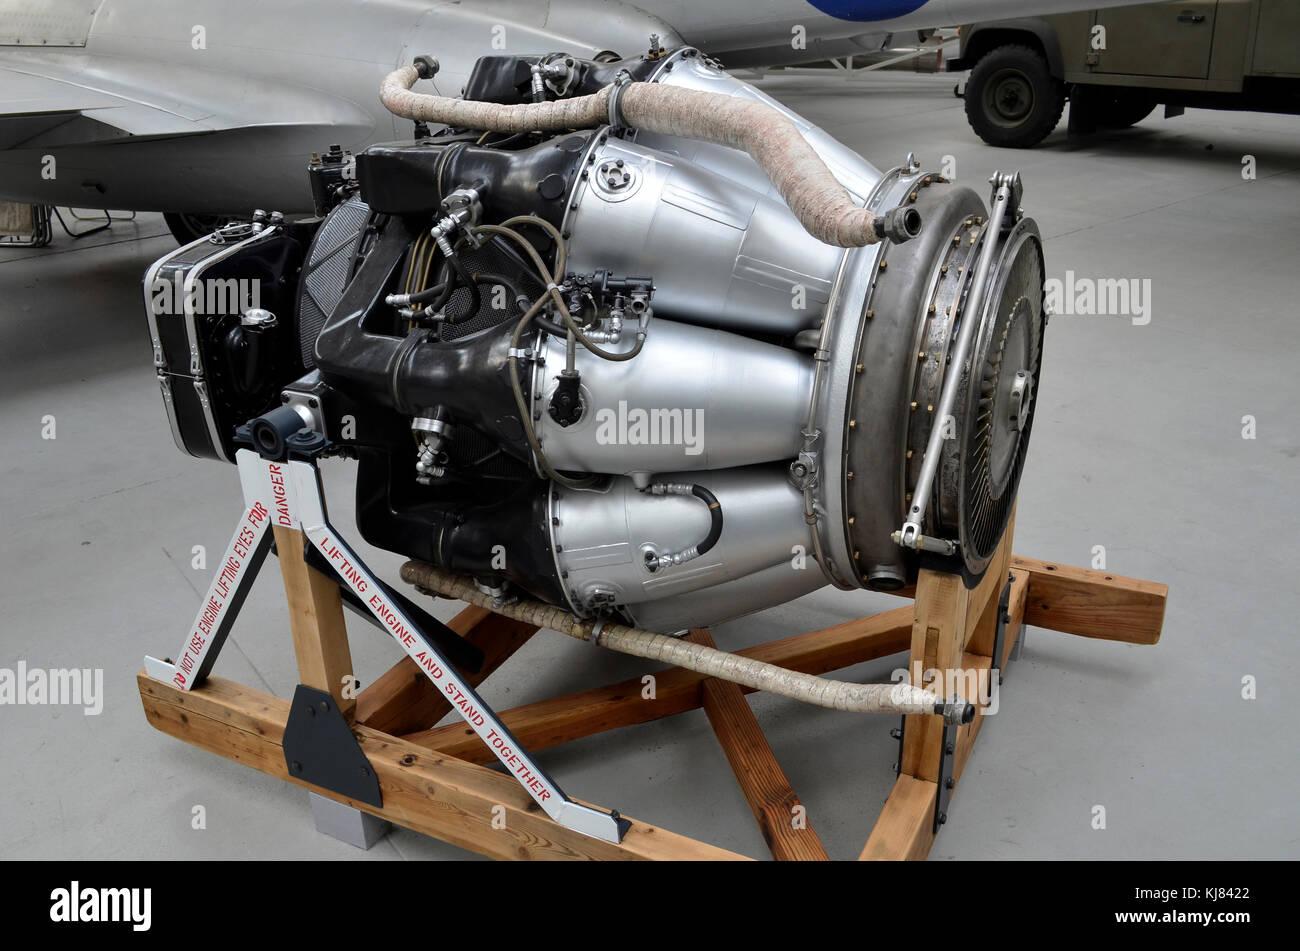 Rolls royce derwent 8 motore jet duxford regno unito il for Il tuo account e stato attaccato